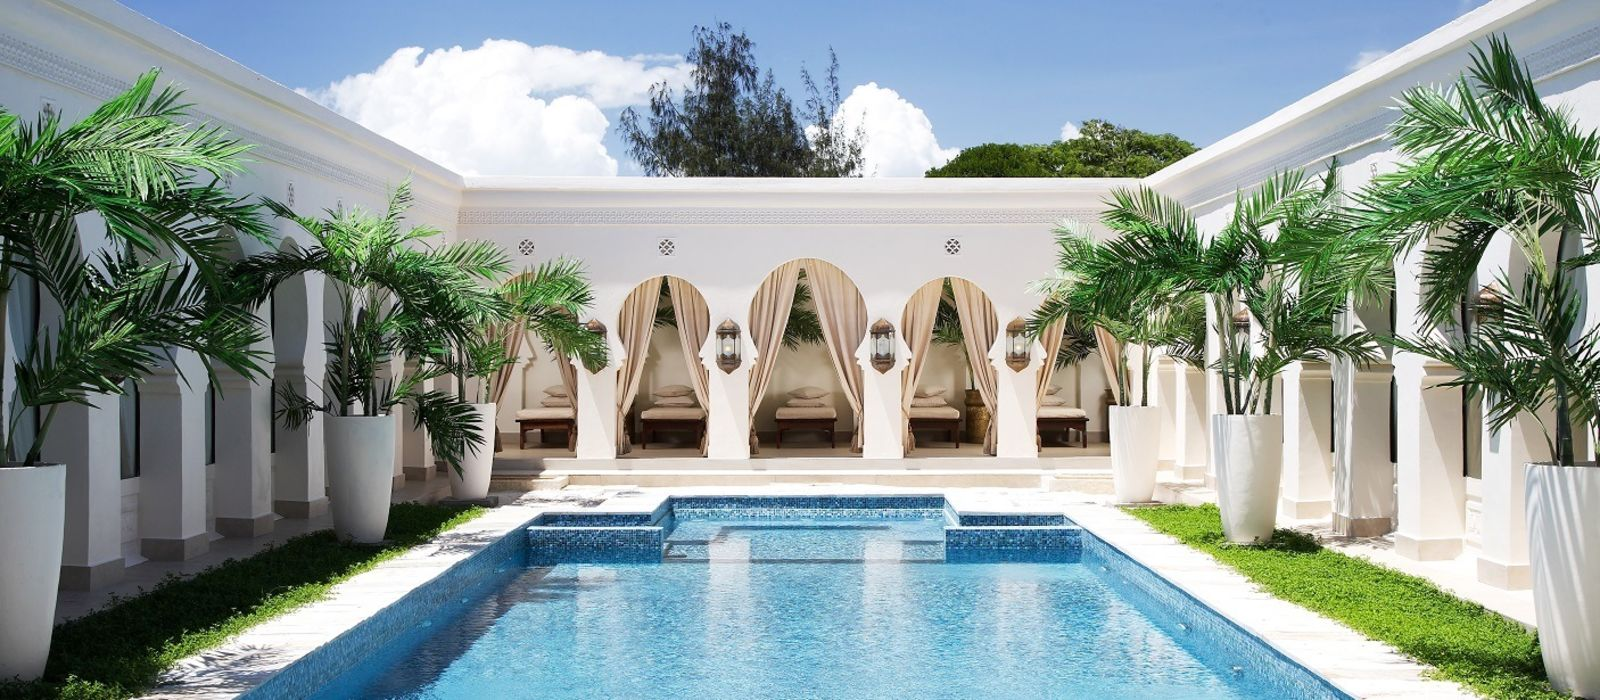 Hotel Baraza Tanzania